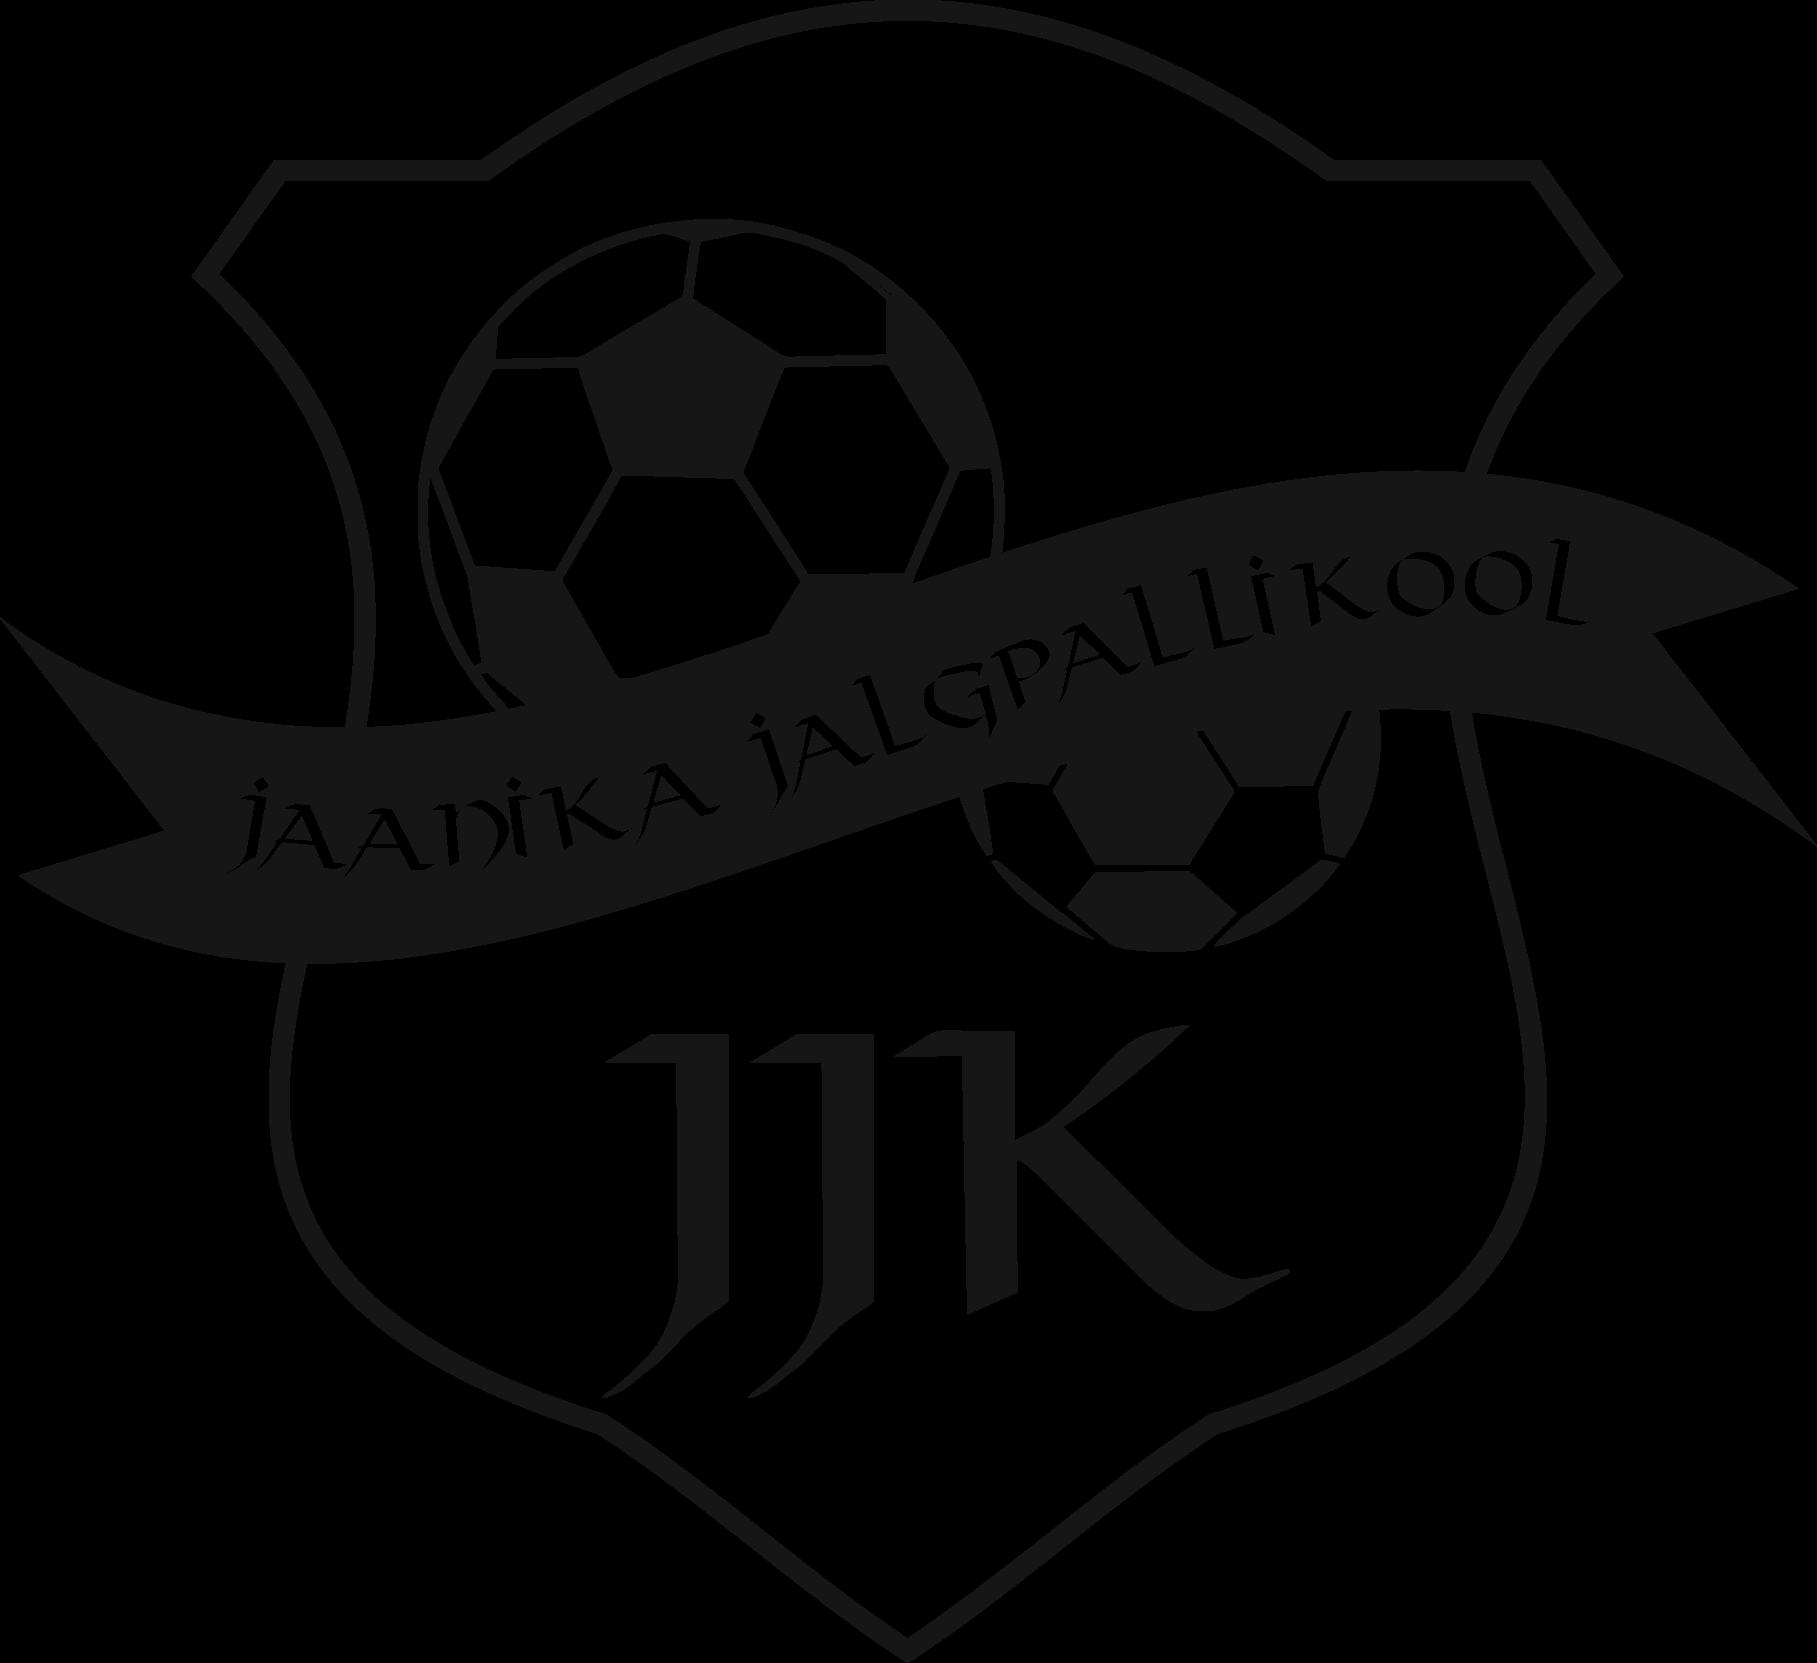 jjk-hiiumaa-logo